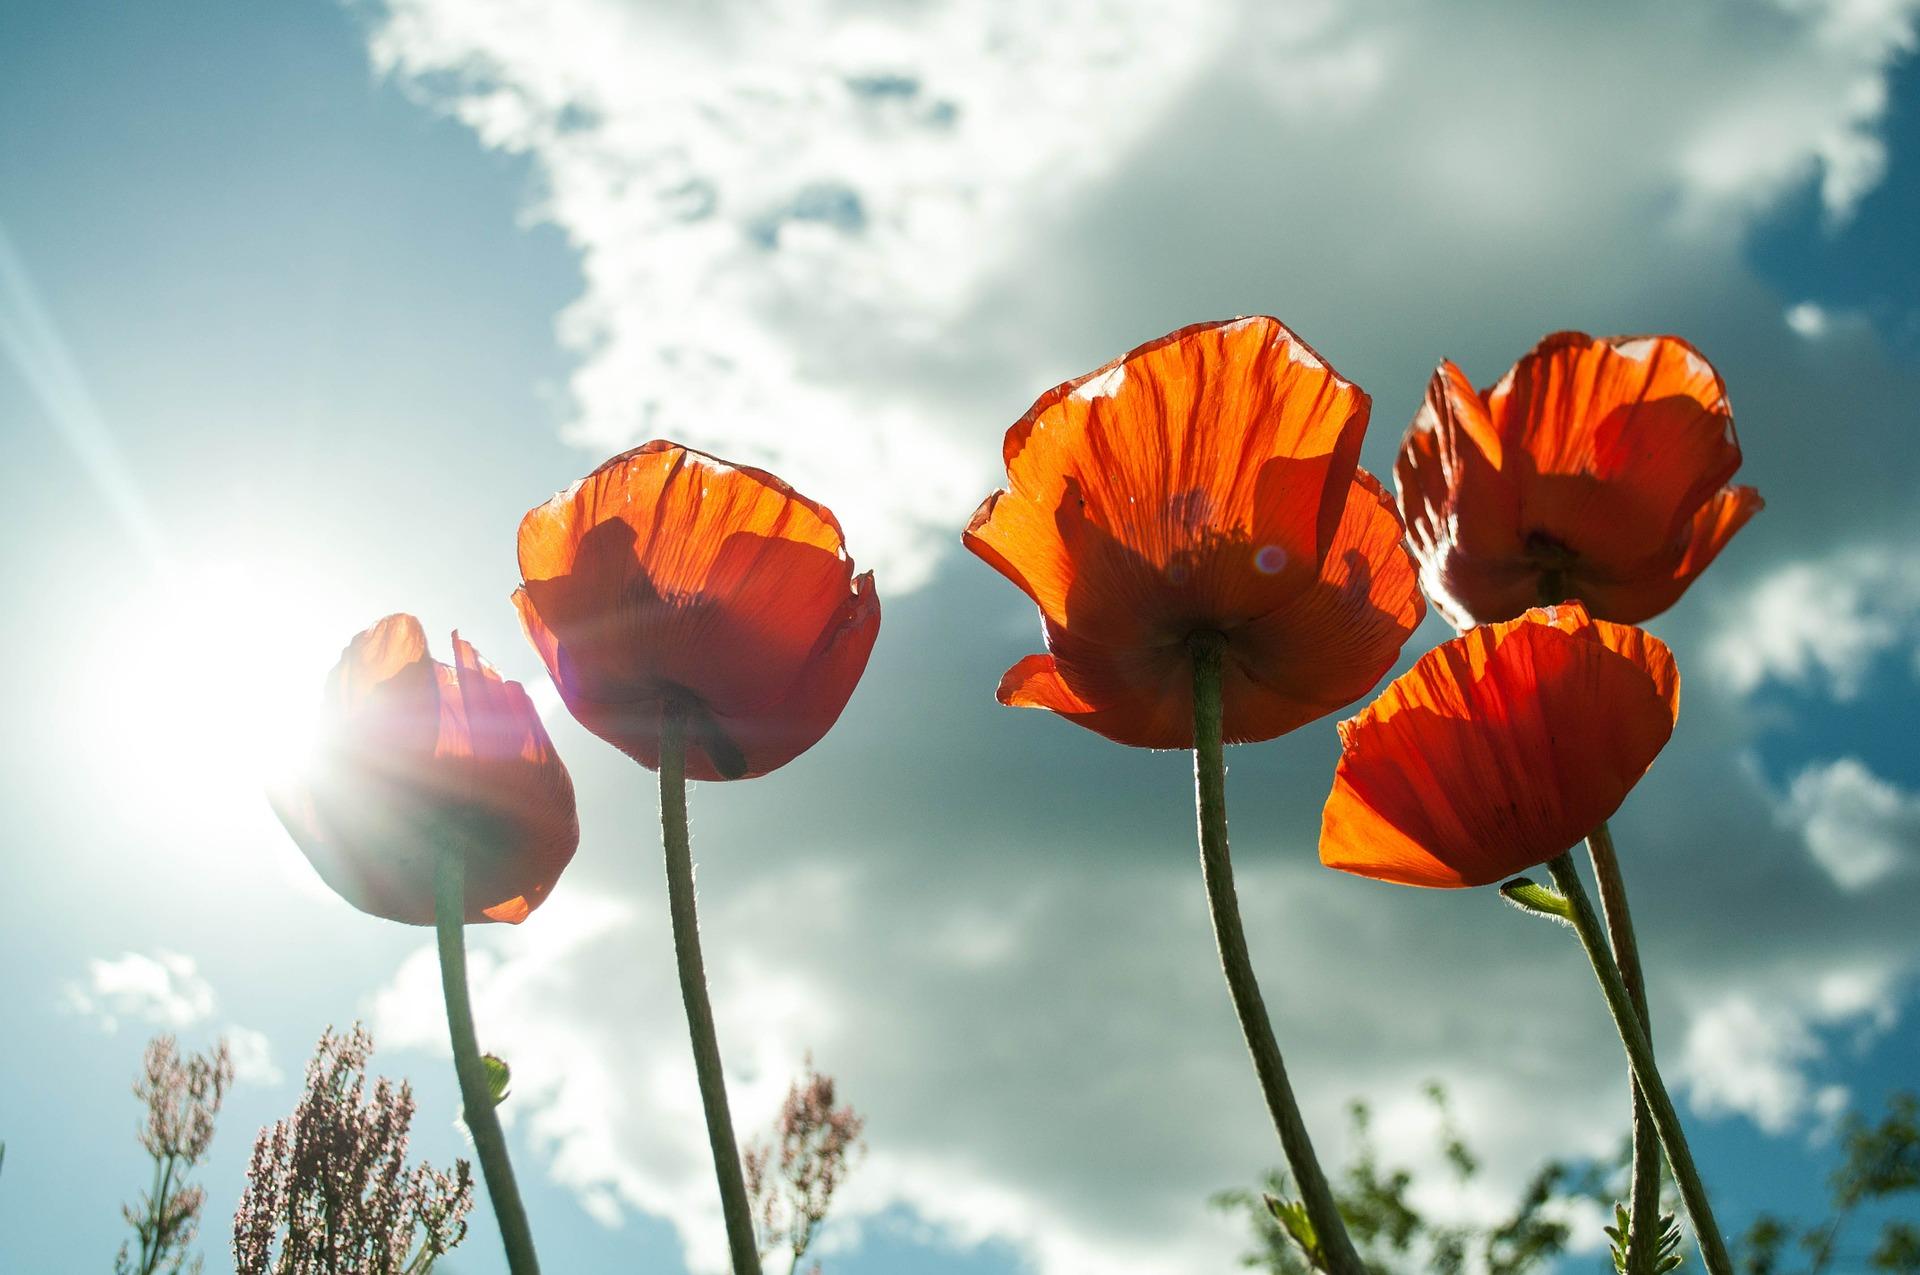 flower-399409_1920.jpg